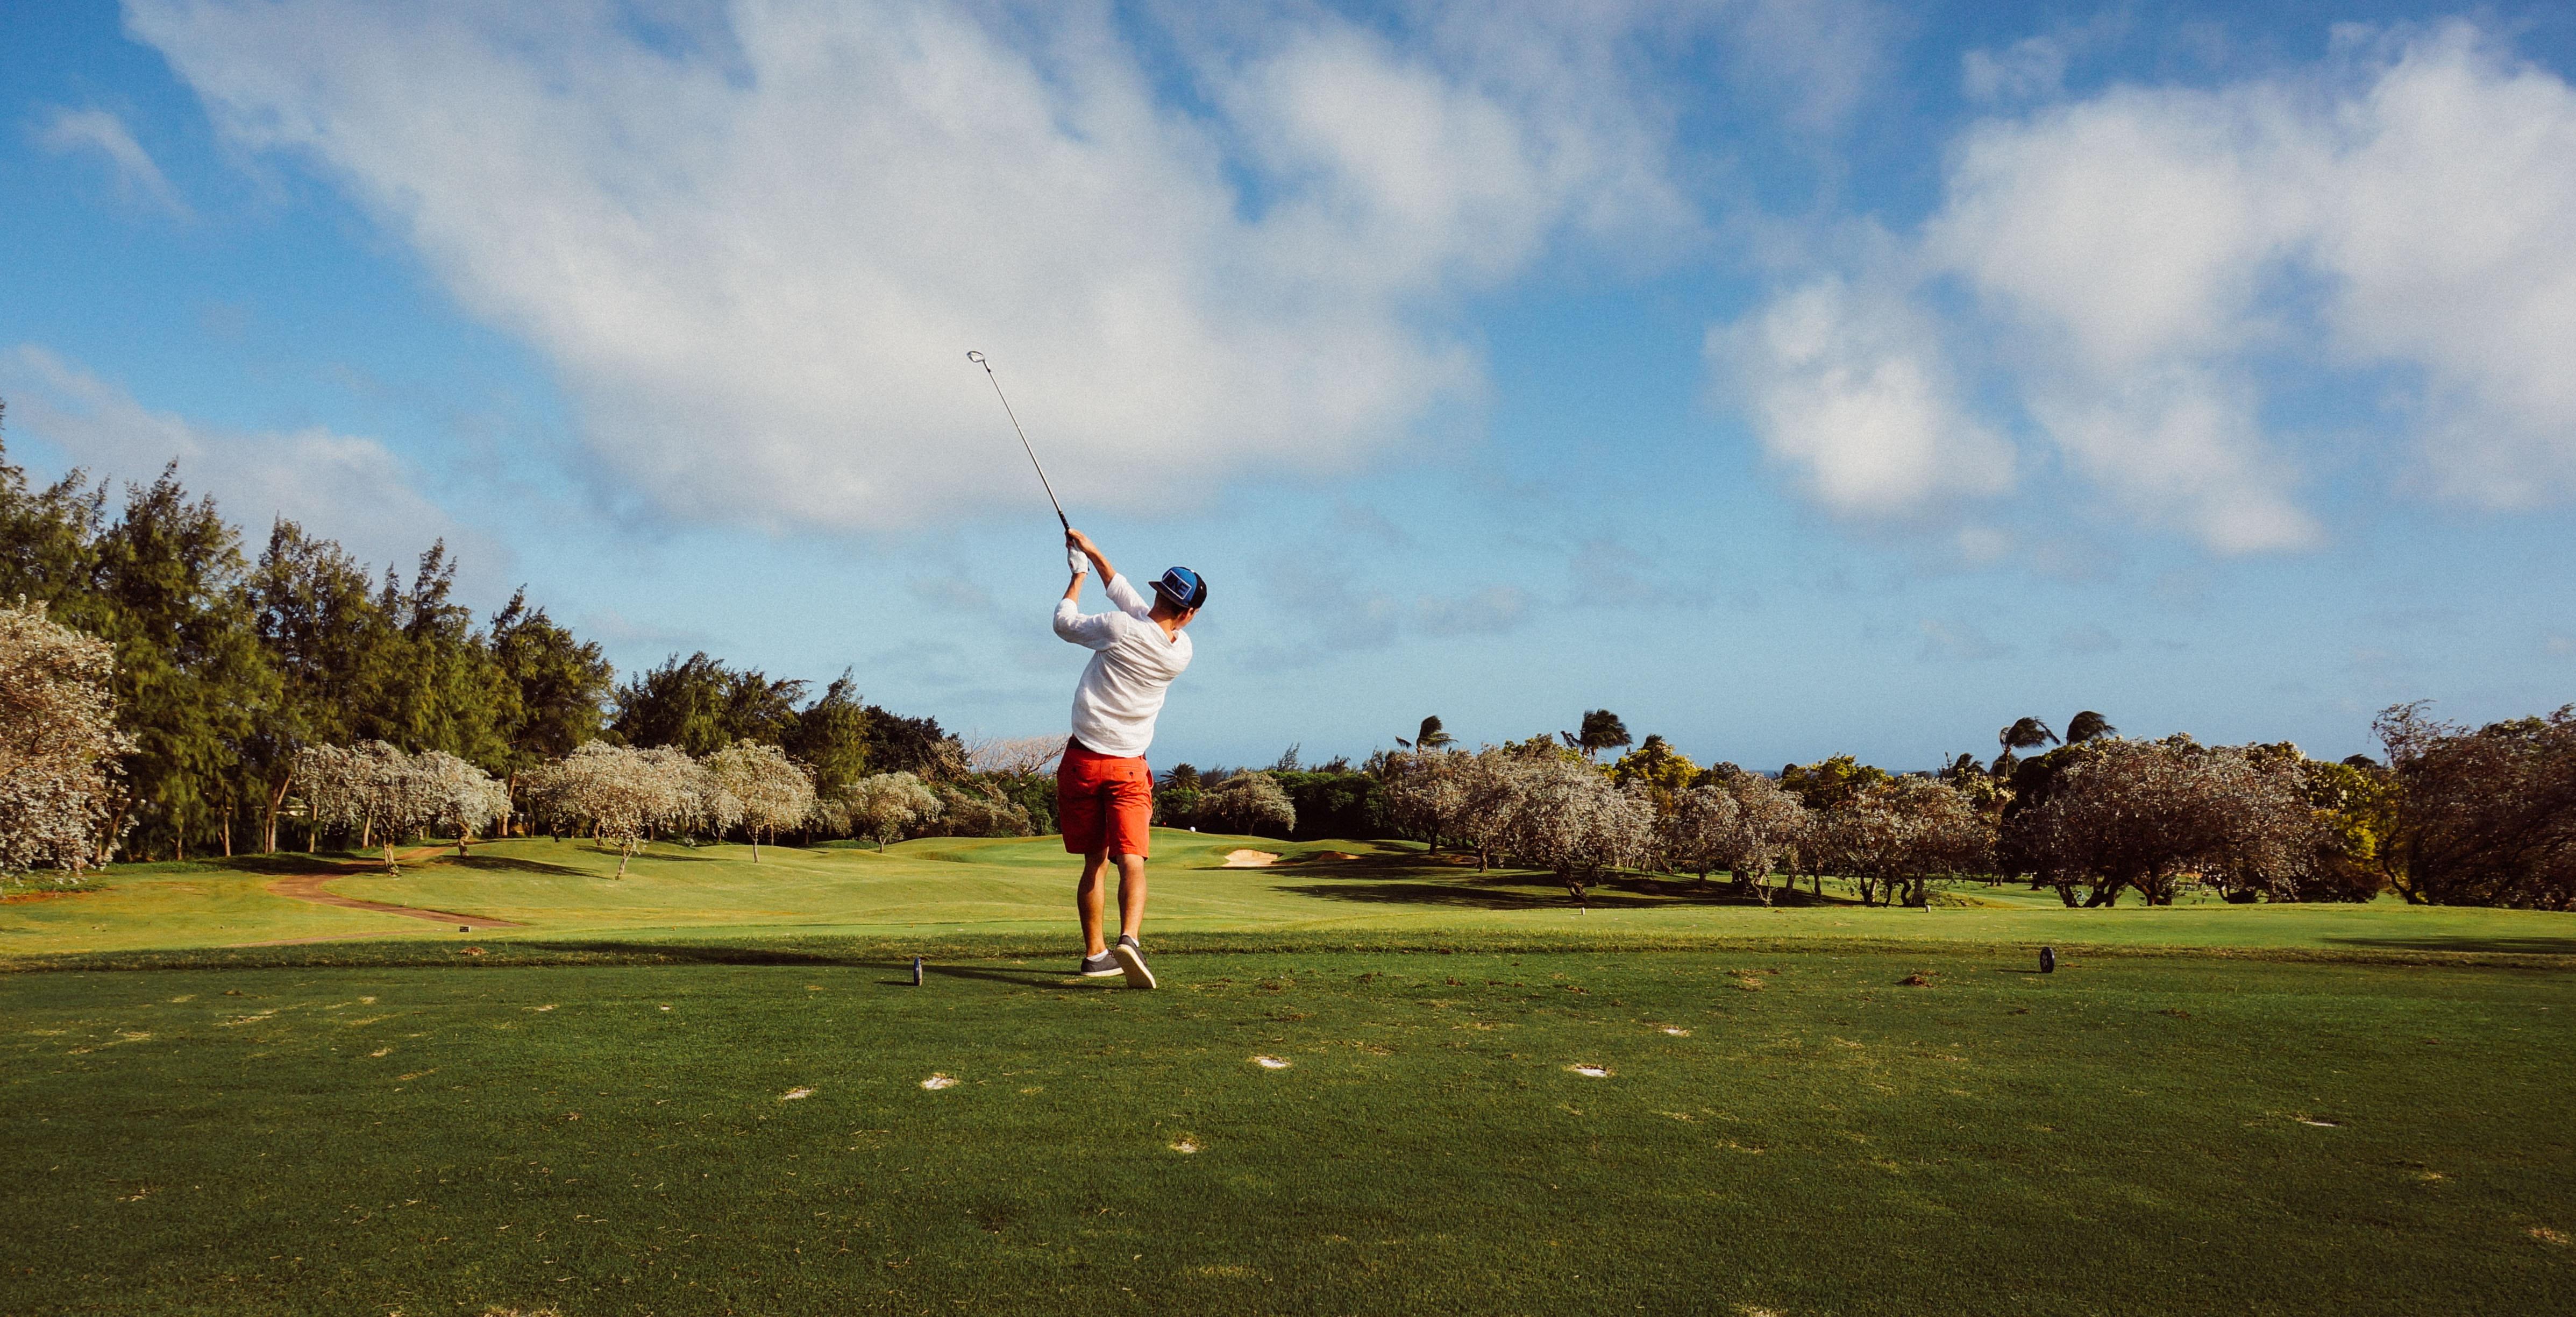 clouds-game-golf-92858